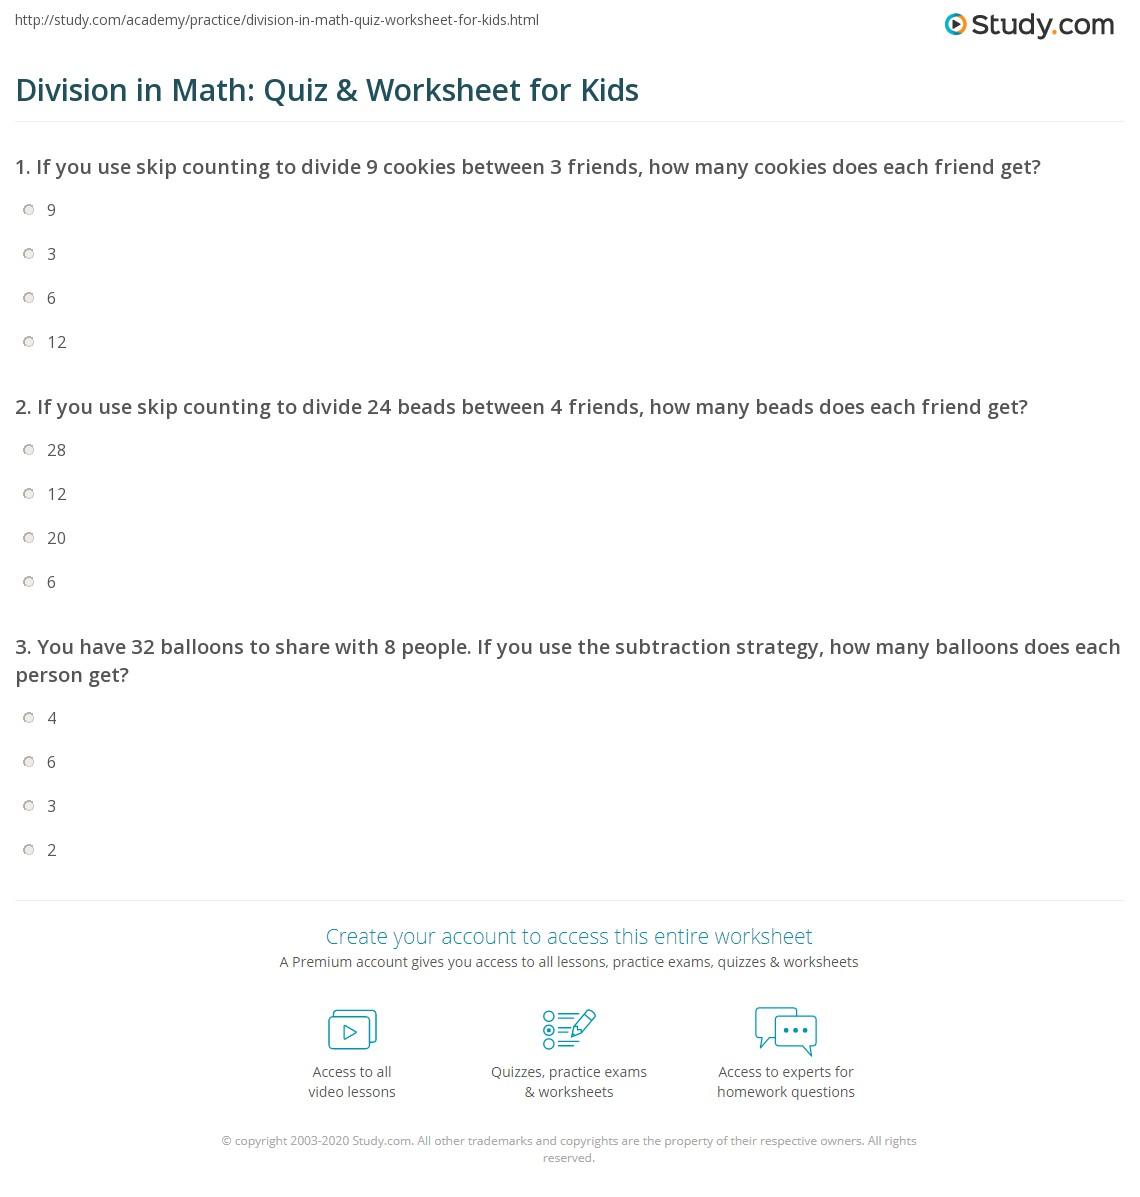 Worksheet Math Definition For Kids worksheet math definition for kids mikyu free division in quiz study com print lesson